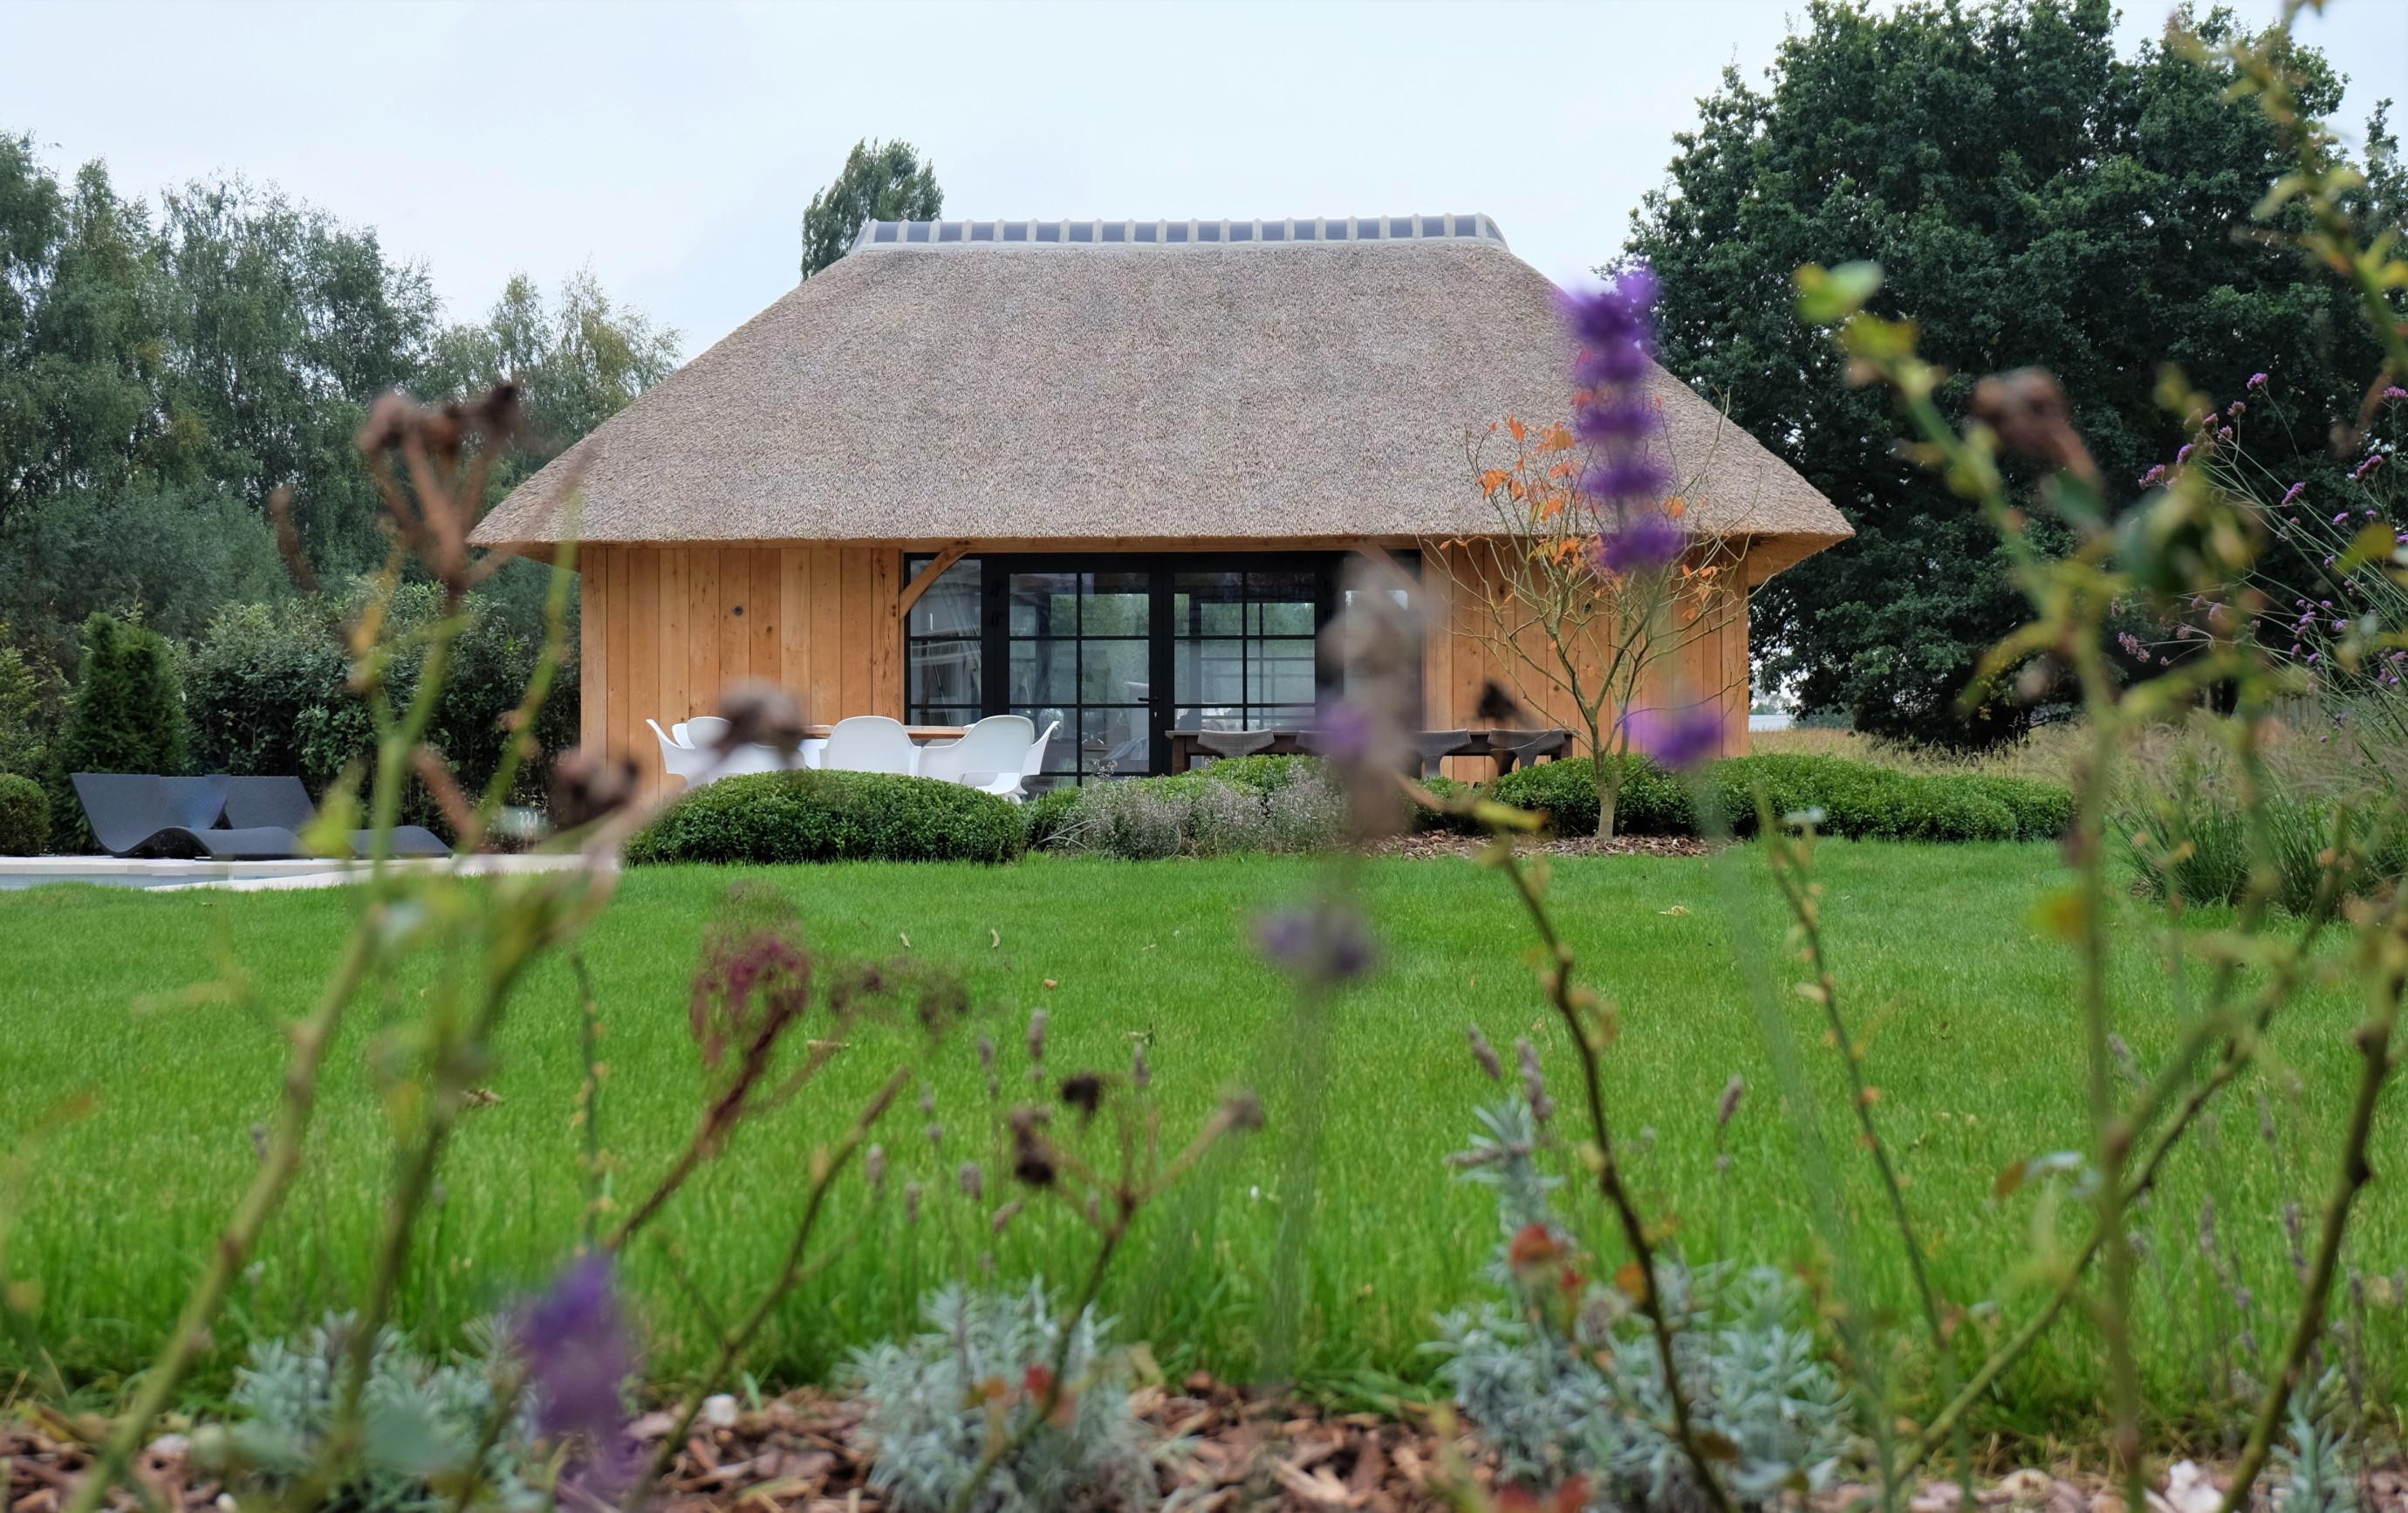 Dit prachtig rustieke eiken bijgebouw en poolhouse werden deskundig gerealiseerd door Vanhauwood. Voor de structuur maakten ze gebruik van het eiken bouwpakket vervaardigd door Cornelis Hout.